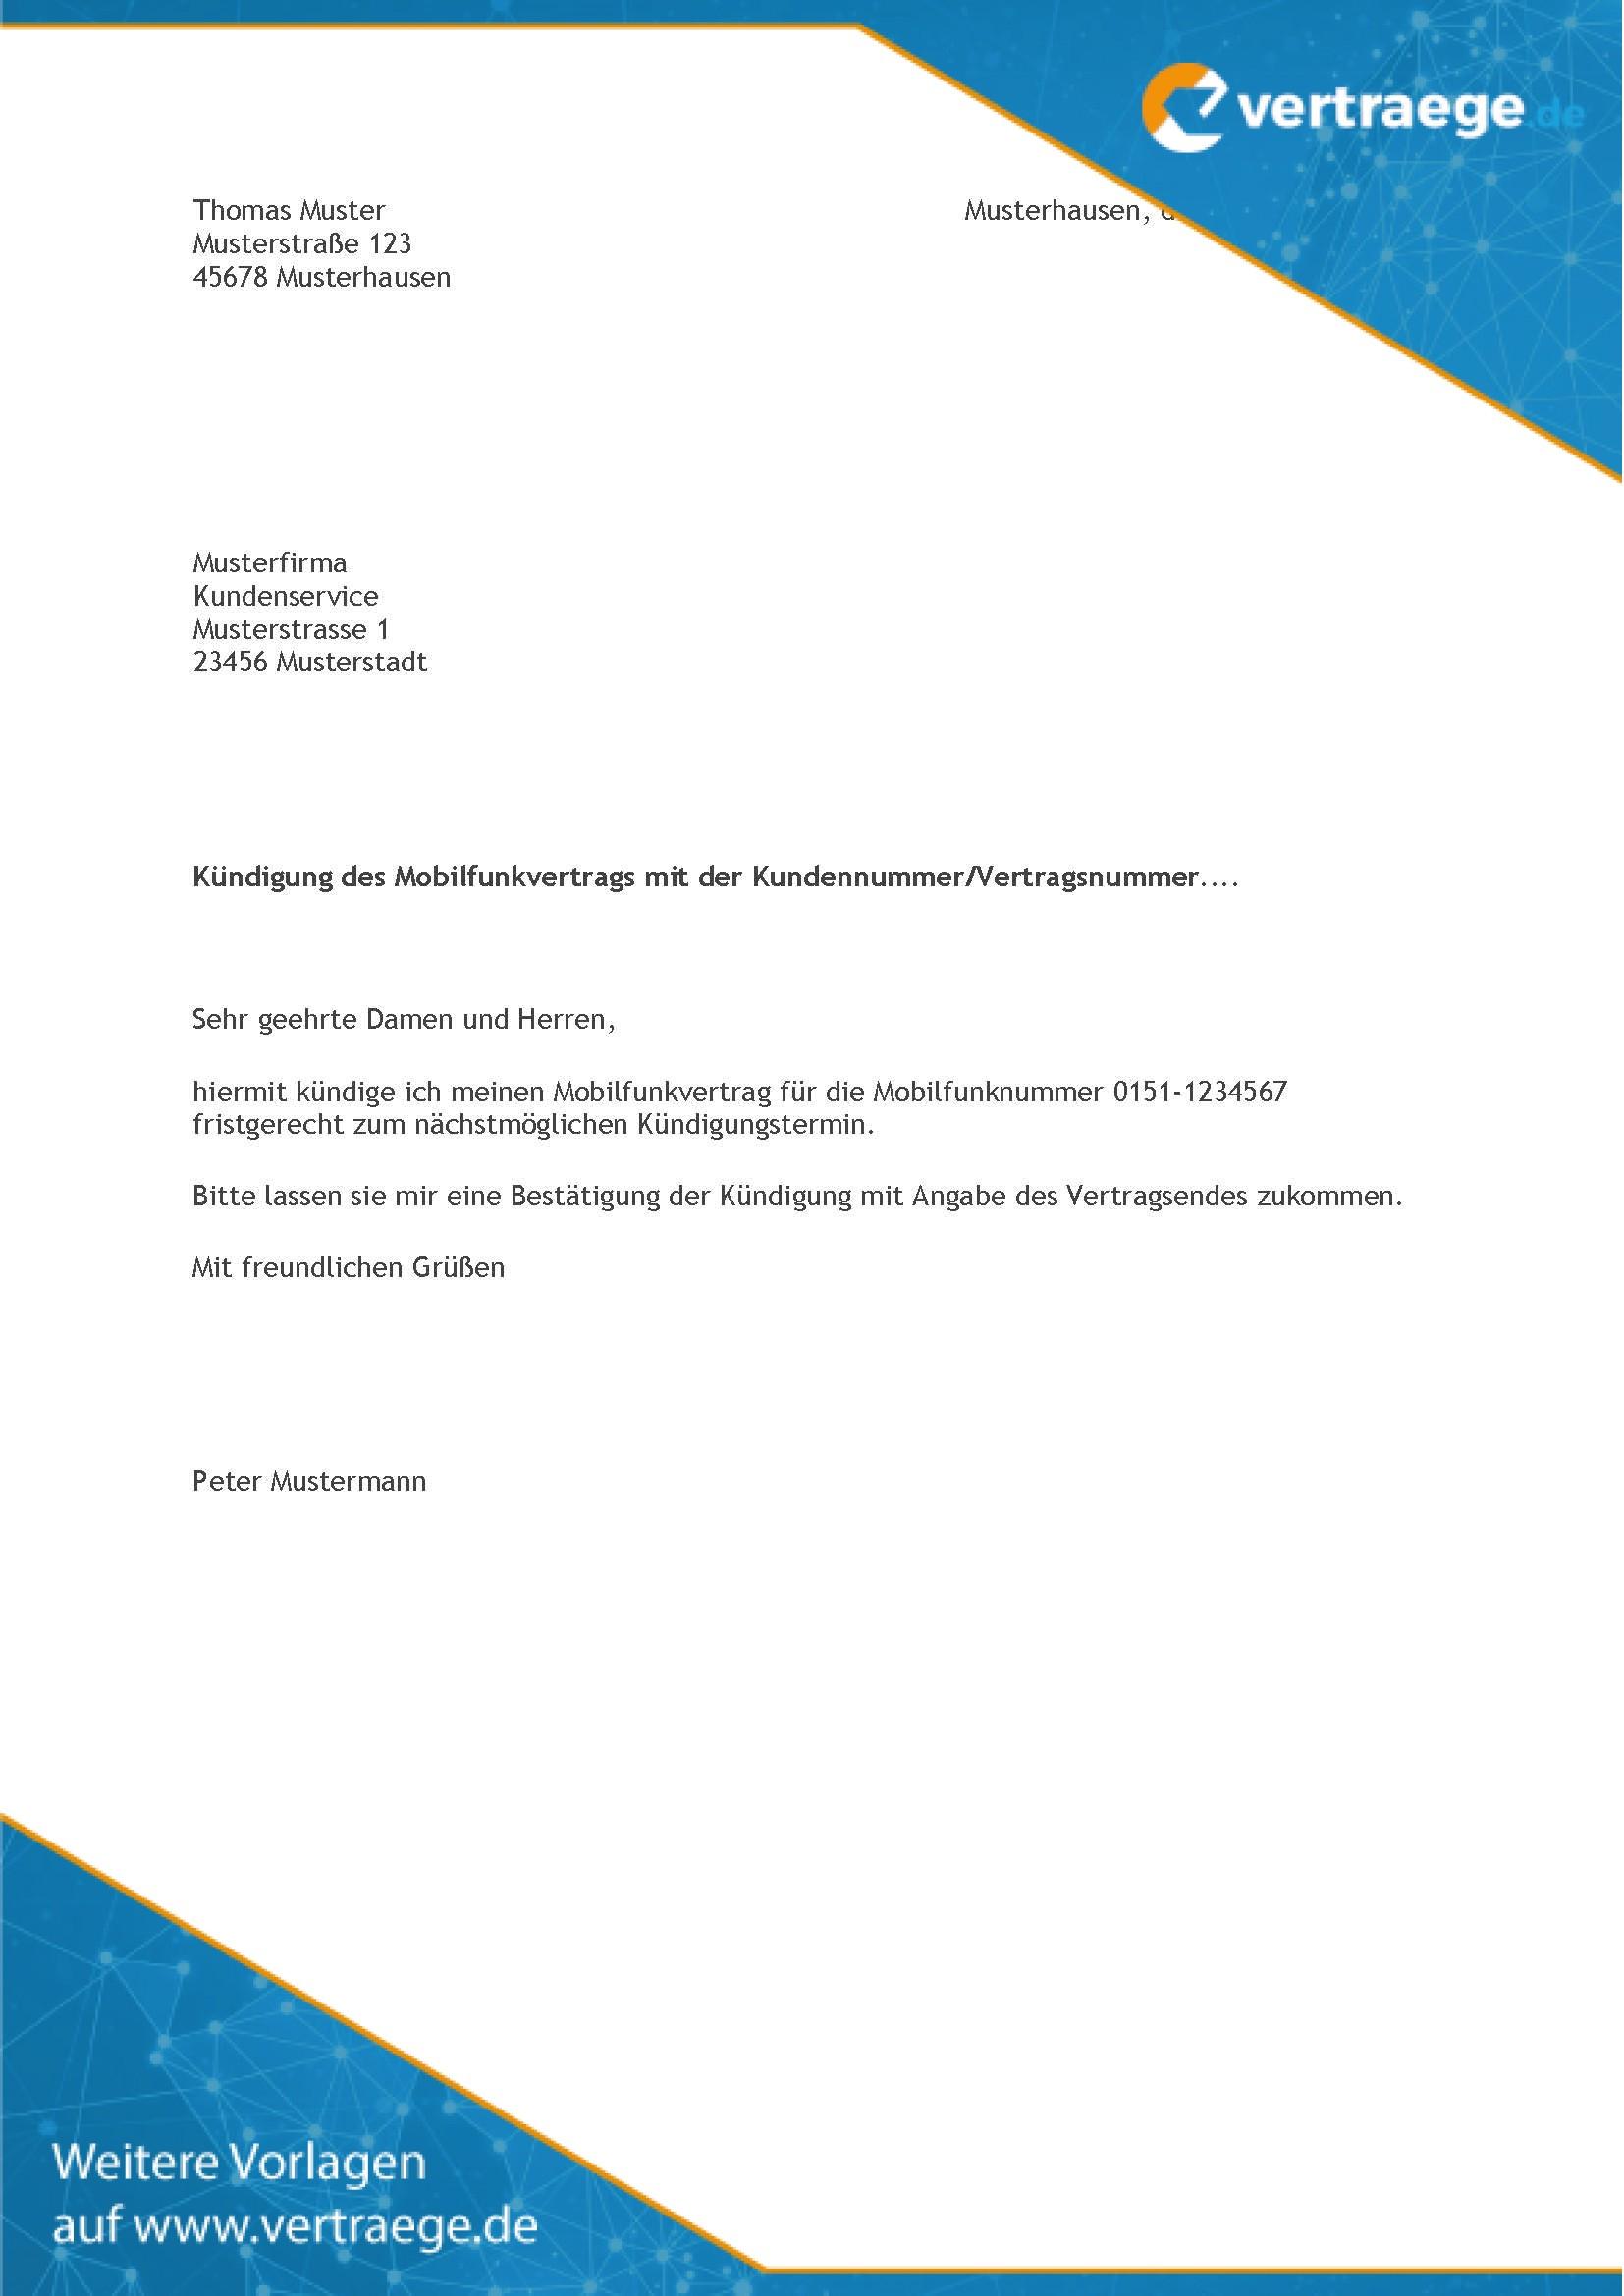 Vodafone Handyvertrag Kundigen Vorlage 19 4